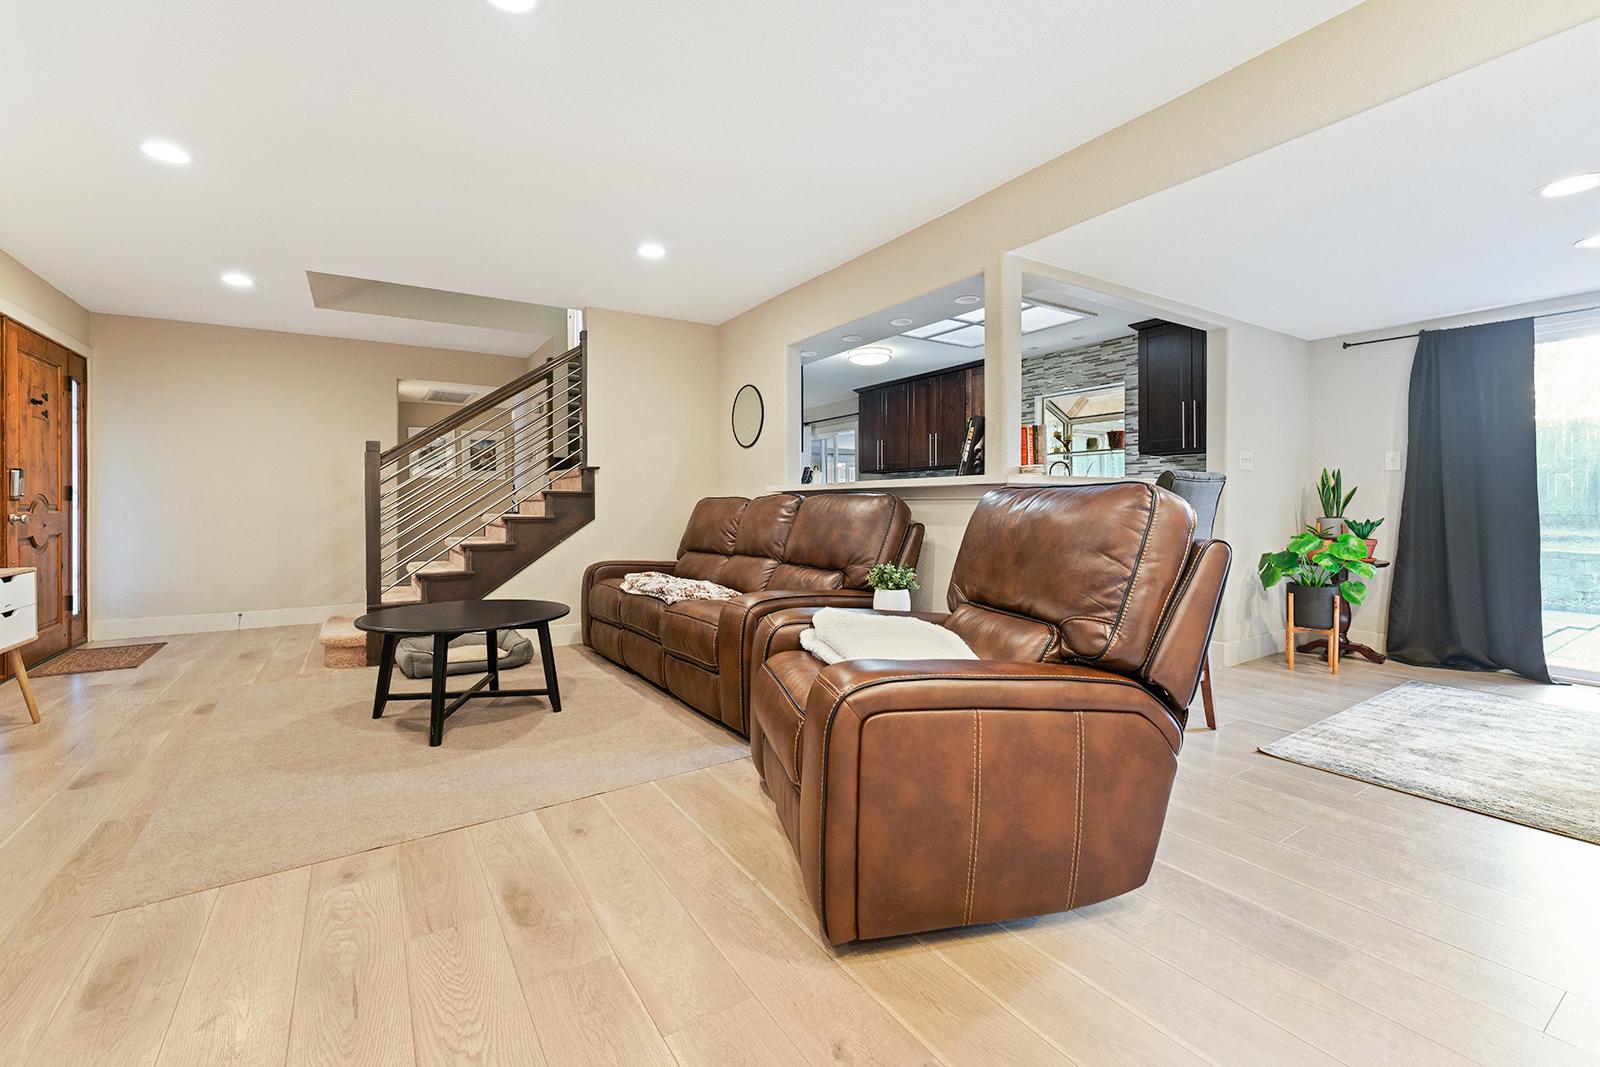 Living room of home at 6235 Everest Way, Sacramento, Ca.